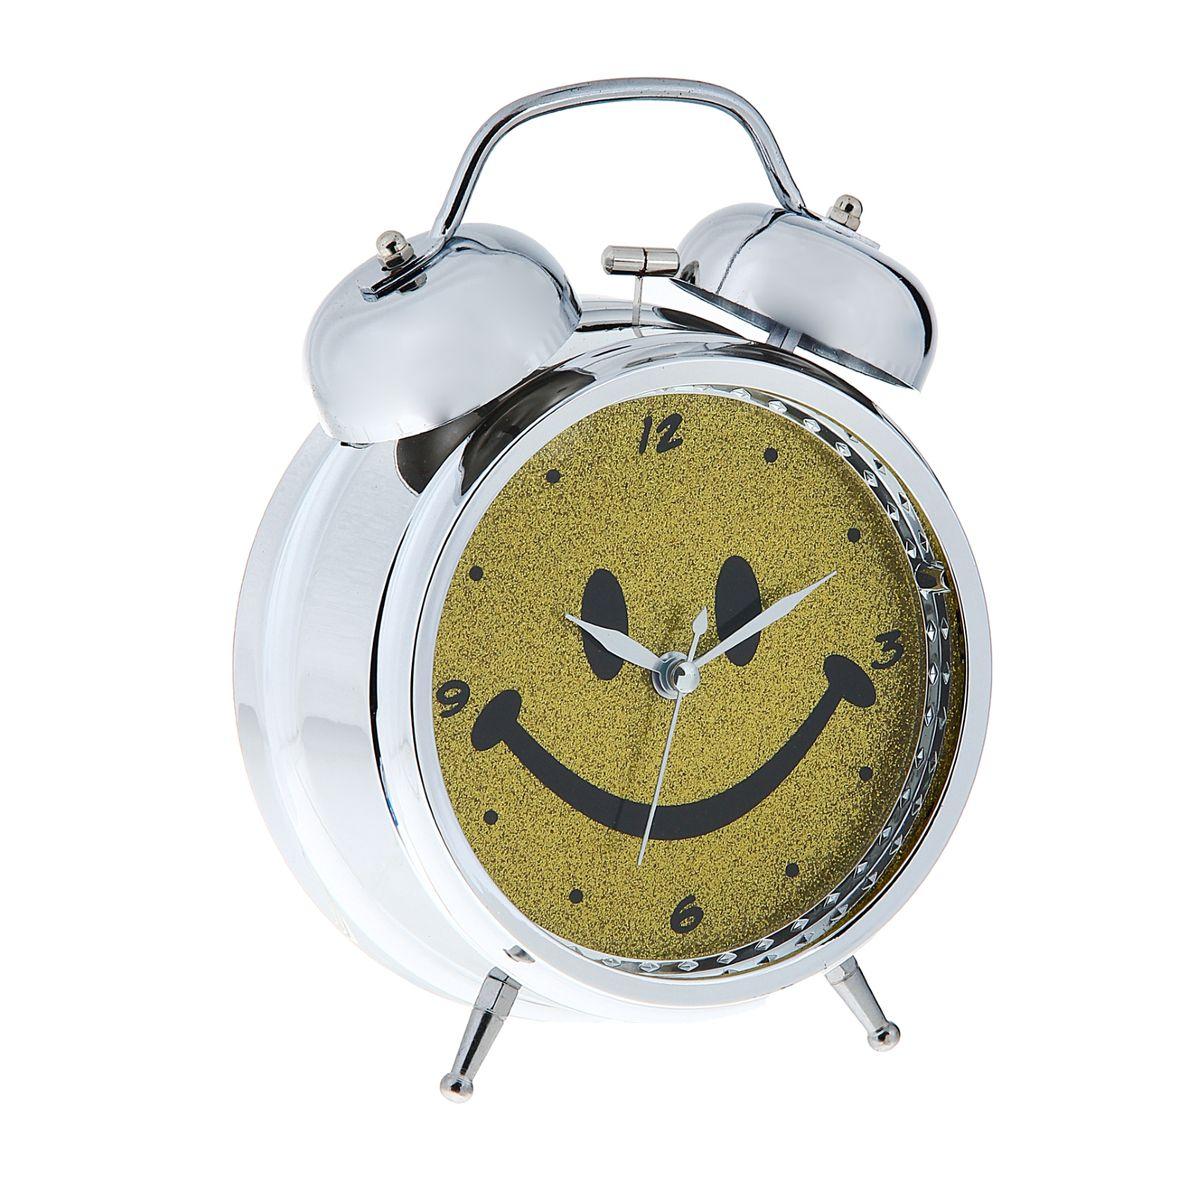 Часы-будильник Sima-land СмайлSC-802Как же сложно иногда вставать вовремя! Всегда так хочется поспать еще хотя бы 5 минут и бывает, что мы просыпаем. Теперь этого не случится! Яркий, оригинальный будильник Sima-land Смайл поможет вам всегда вставать в нужное время и успевать везде и всюду.Корпус будильника выполнен из металла. Циферблат оформлен изображением смайла, имеет индикацию отметок с арабскими цифрами. Часы снабжены 4 стрелками (секундная, минутная, часовая и для будильника). На задней панели будильника расположен переключатель включения/выключения механизма, а также два колесика для настройки текущего времени и времени звонка будильника. Также будильник оснащен кнопкой, при нажатии и удержании которой подсвечивается циферблат.Пользоваться будильником очень легко: нужно всего лишь поставить батарейки, настроить точное время и установить время звонка. Необходимо докупить 3 батарейки типа АА (не входят в комплект).